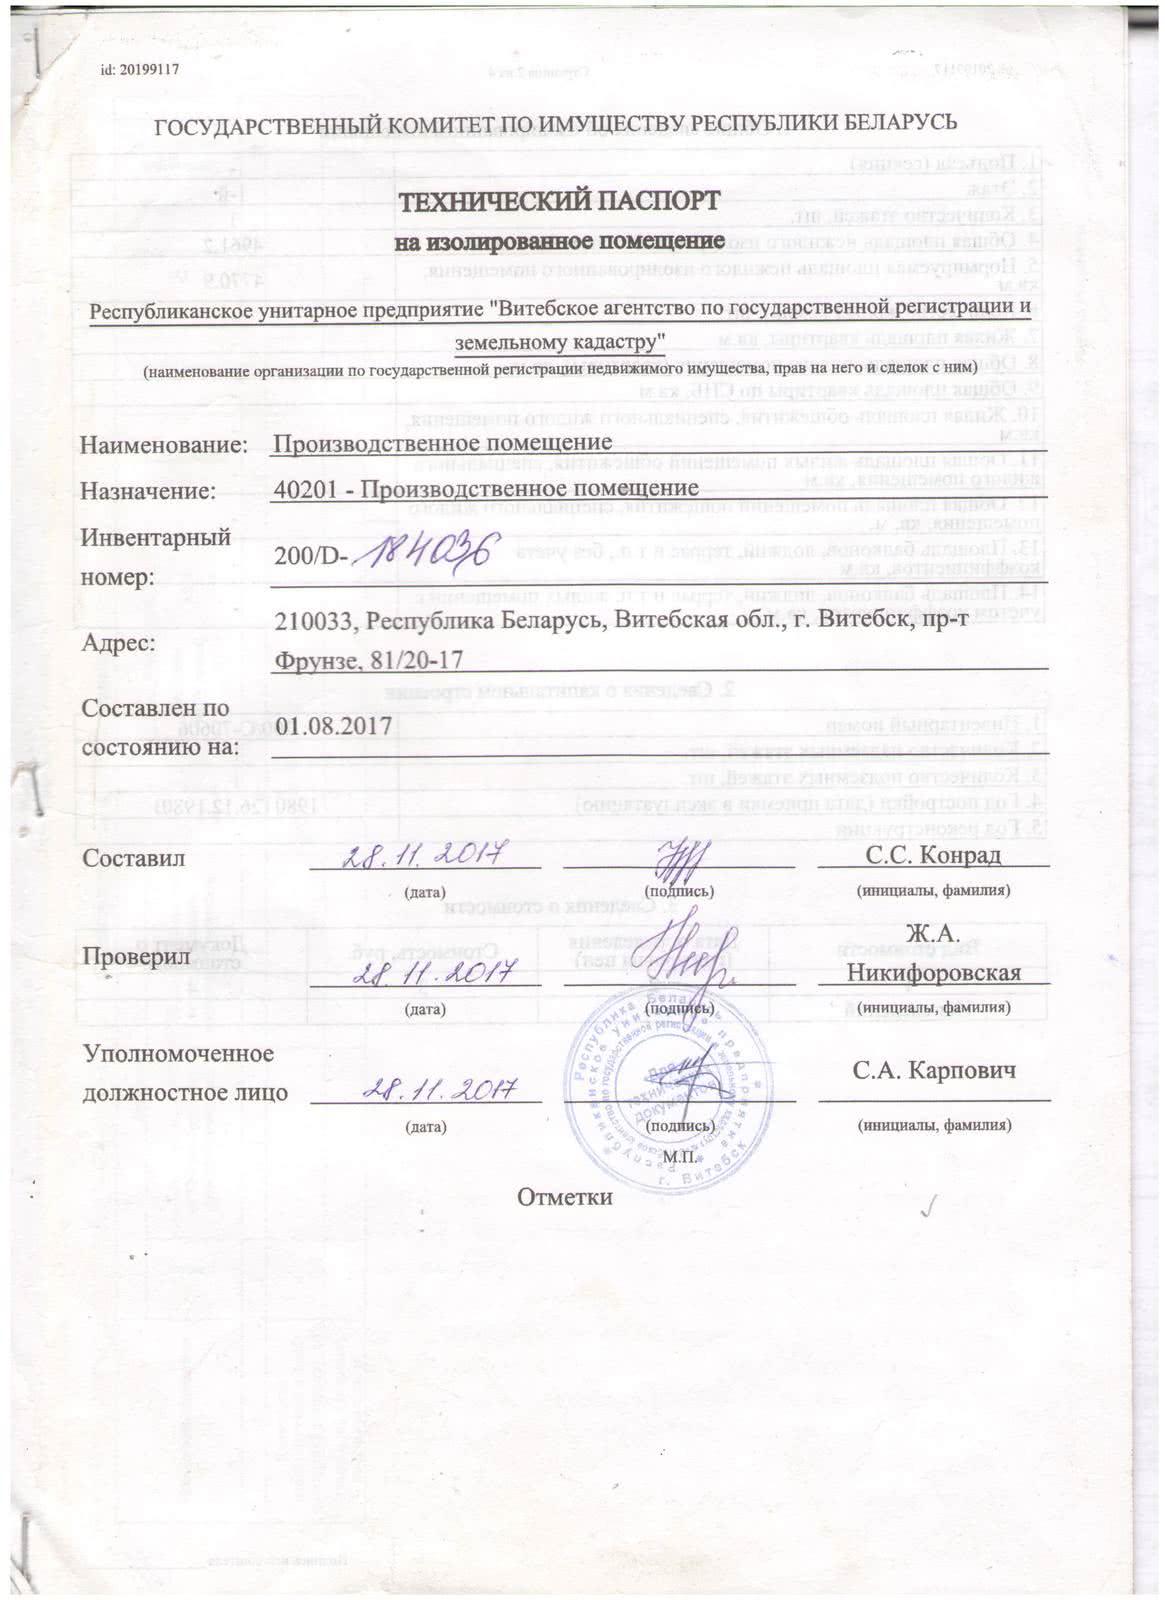 Аукцион по продаже недвижимости пр-т Фрунзе81/20-17 в Витебске - фото 1